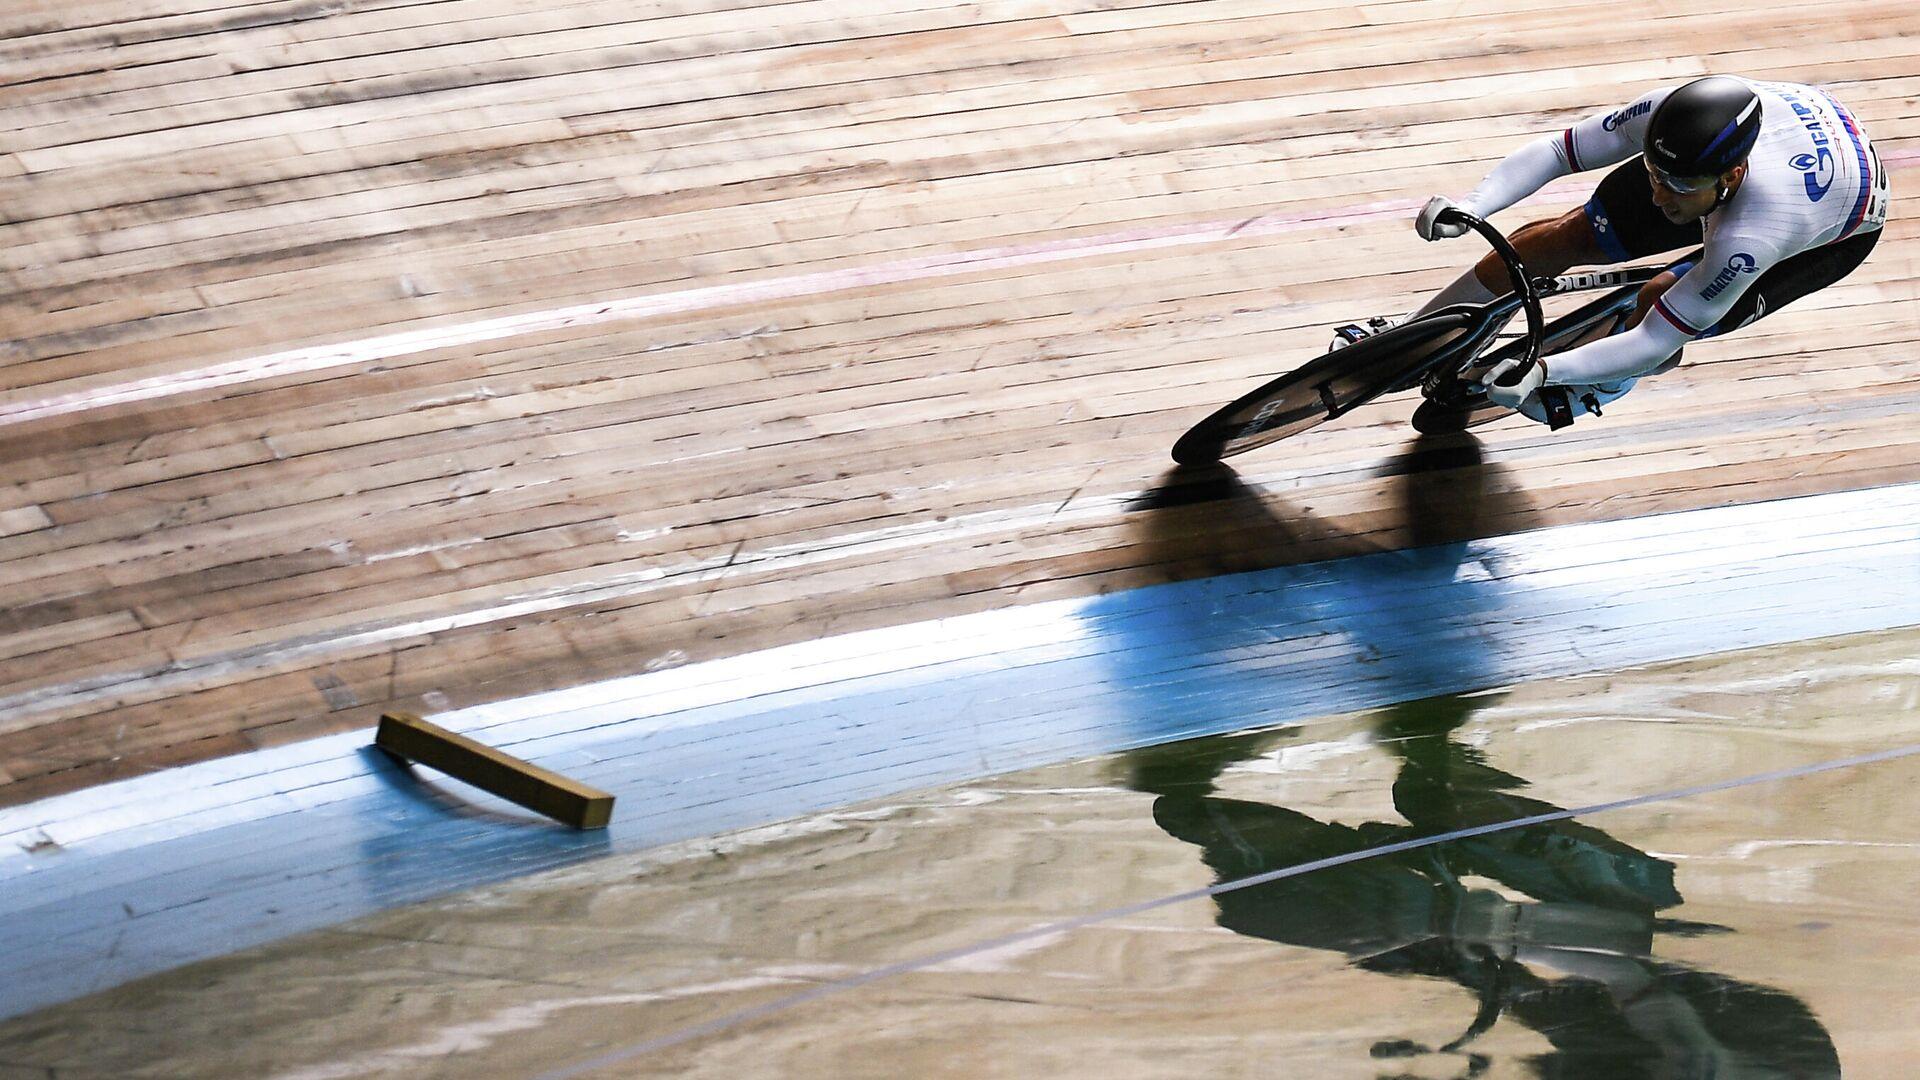 Денис Дмитриев (Россия) в квалификационном заезде индивидуального спринта среди мужчин на соревнованиях по трековым гонкам Гран-при Москвы. - РИА Новости, 1920, 14.11.2020